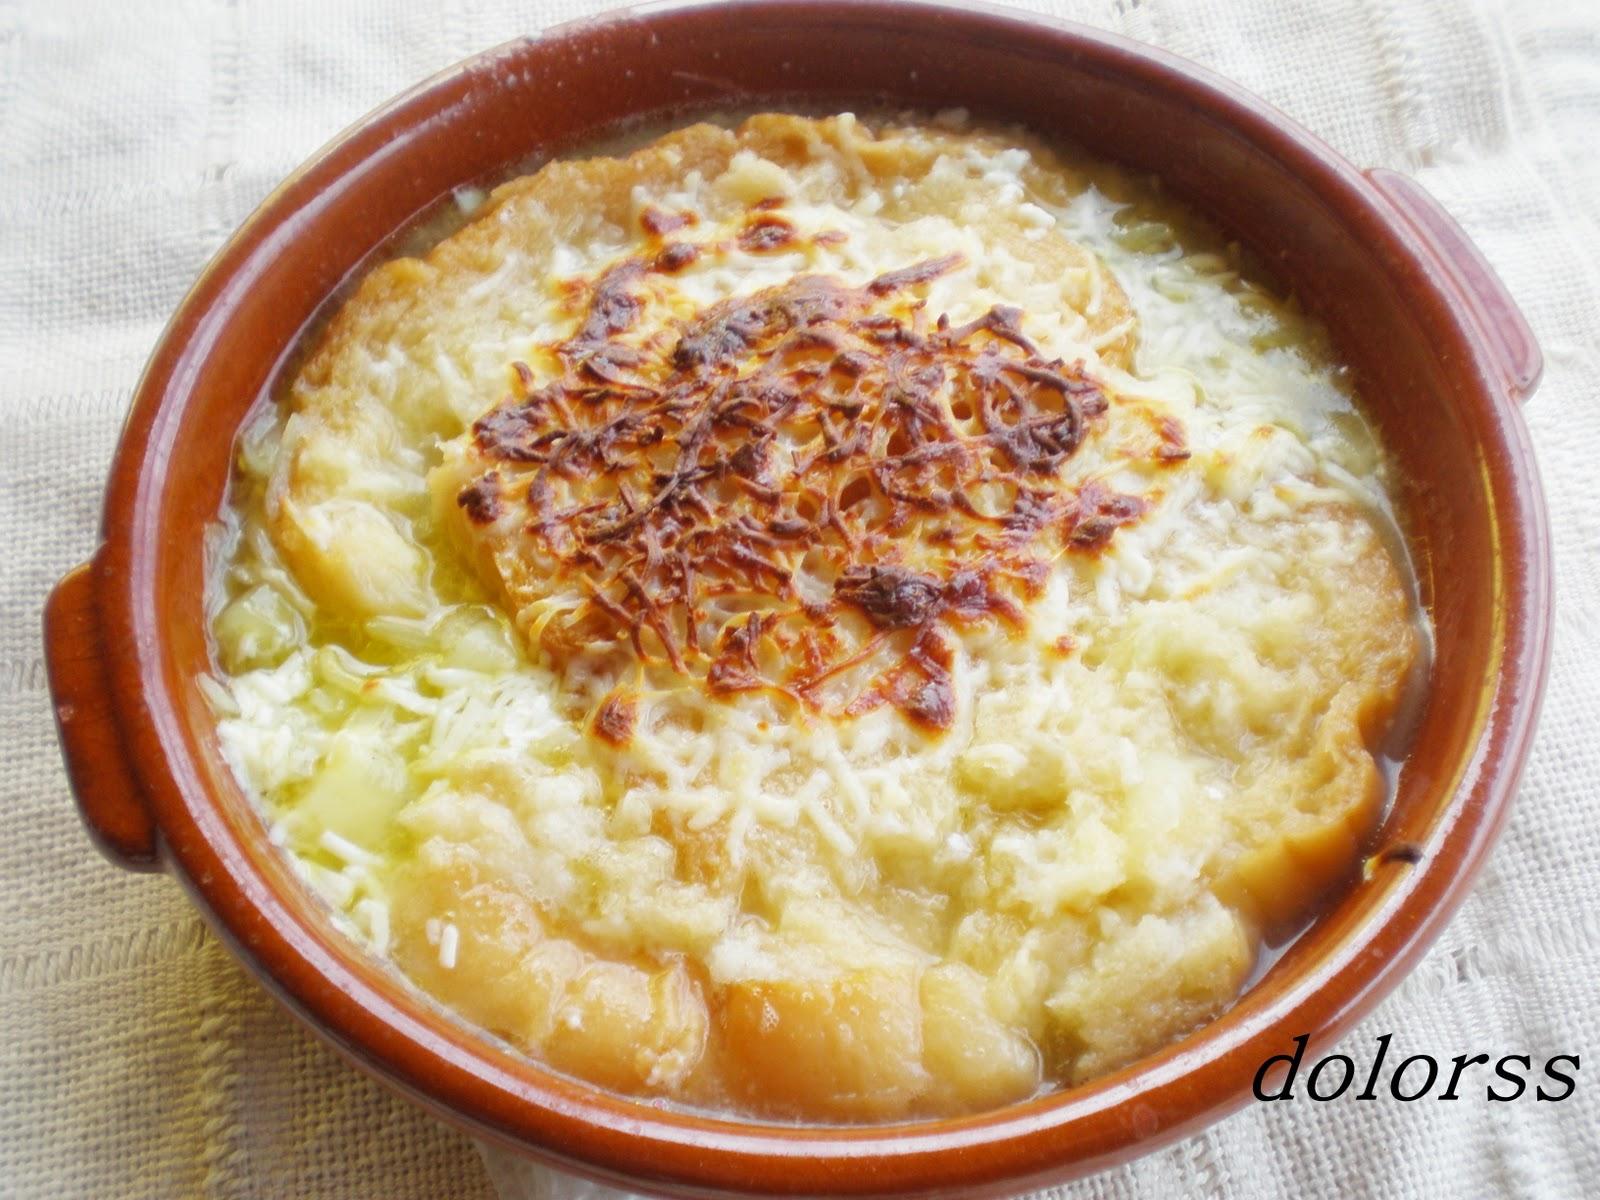 Blog de cuina de la dolorss: Sopa de cebolla con huevo